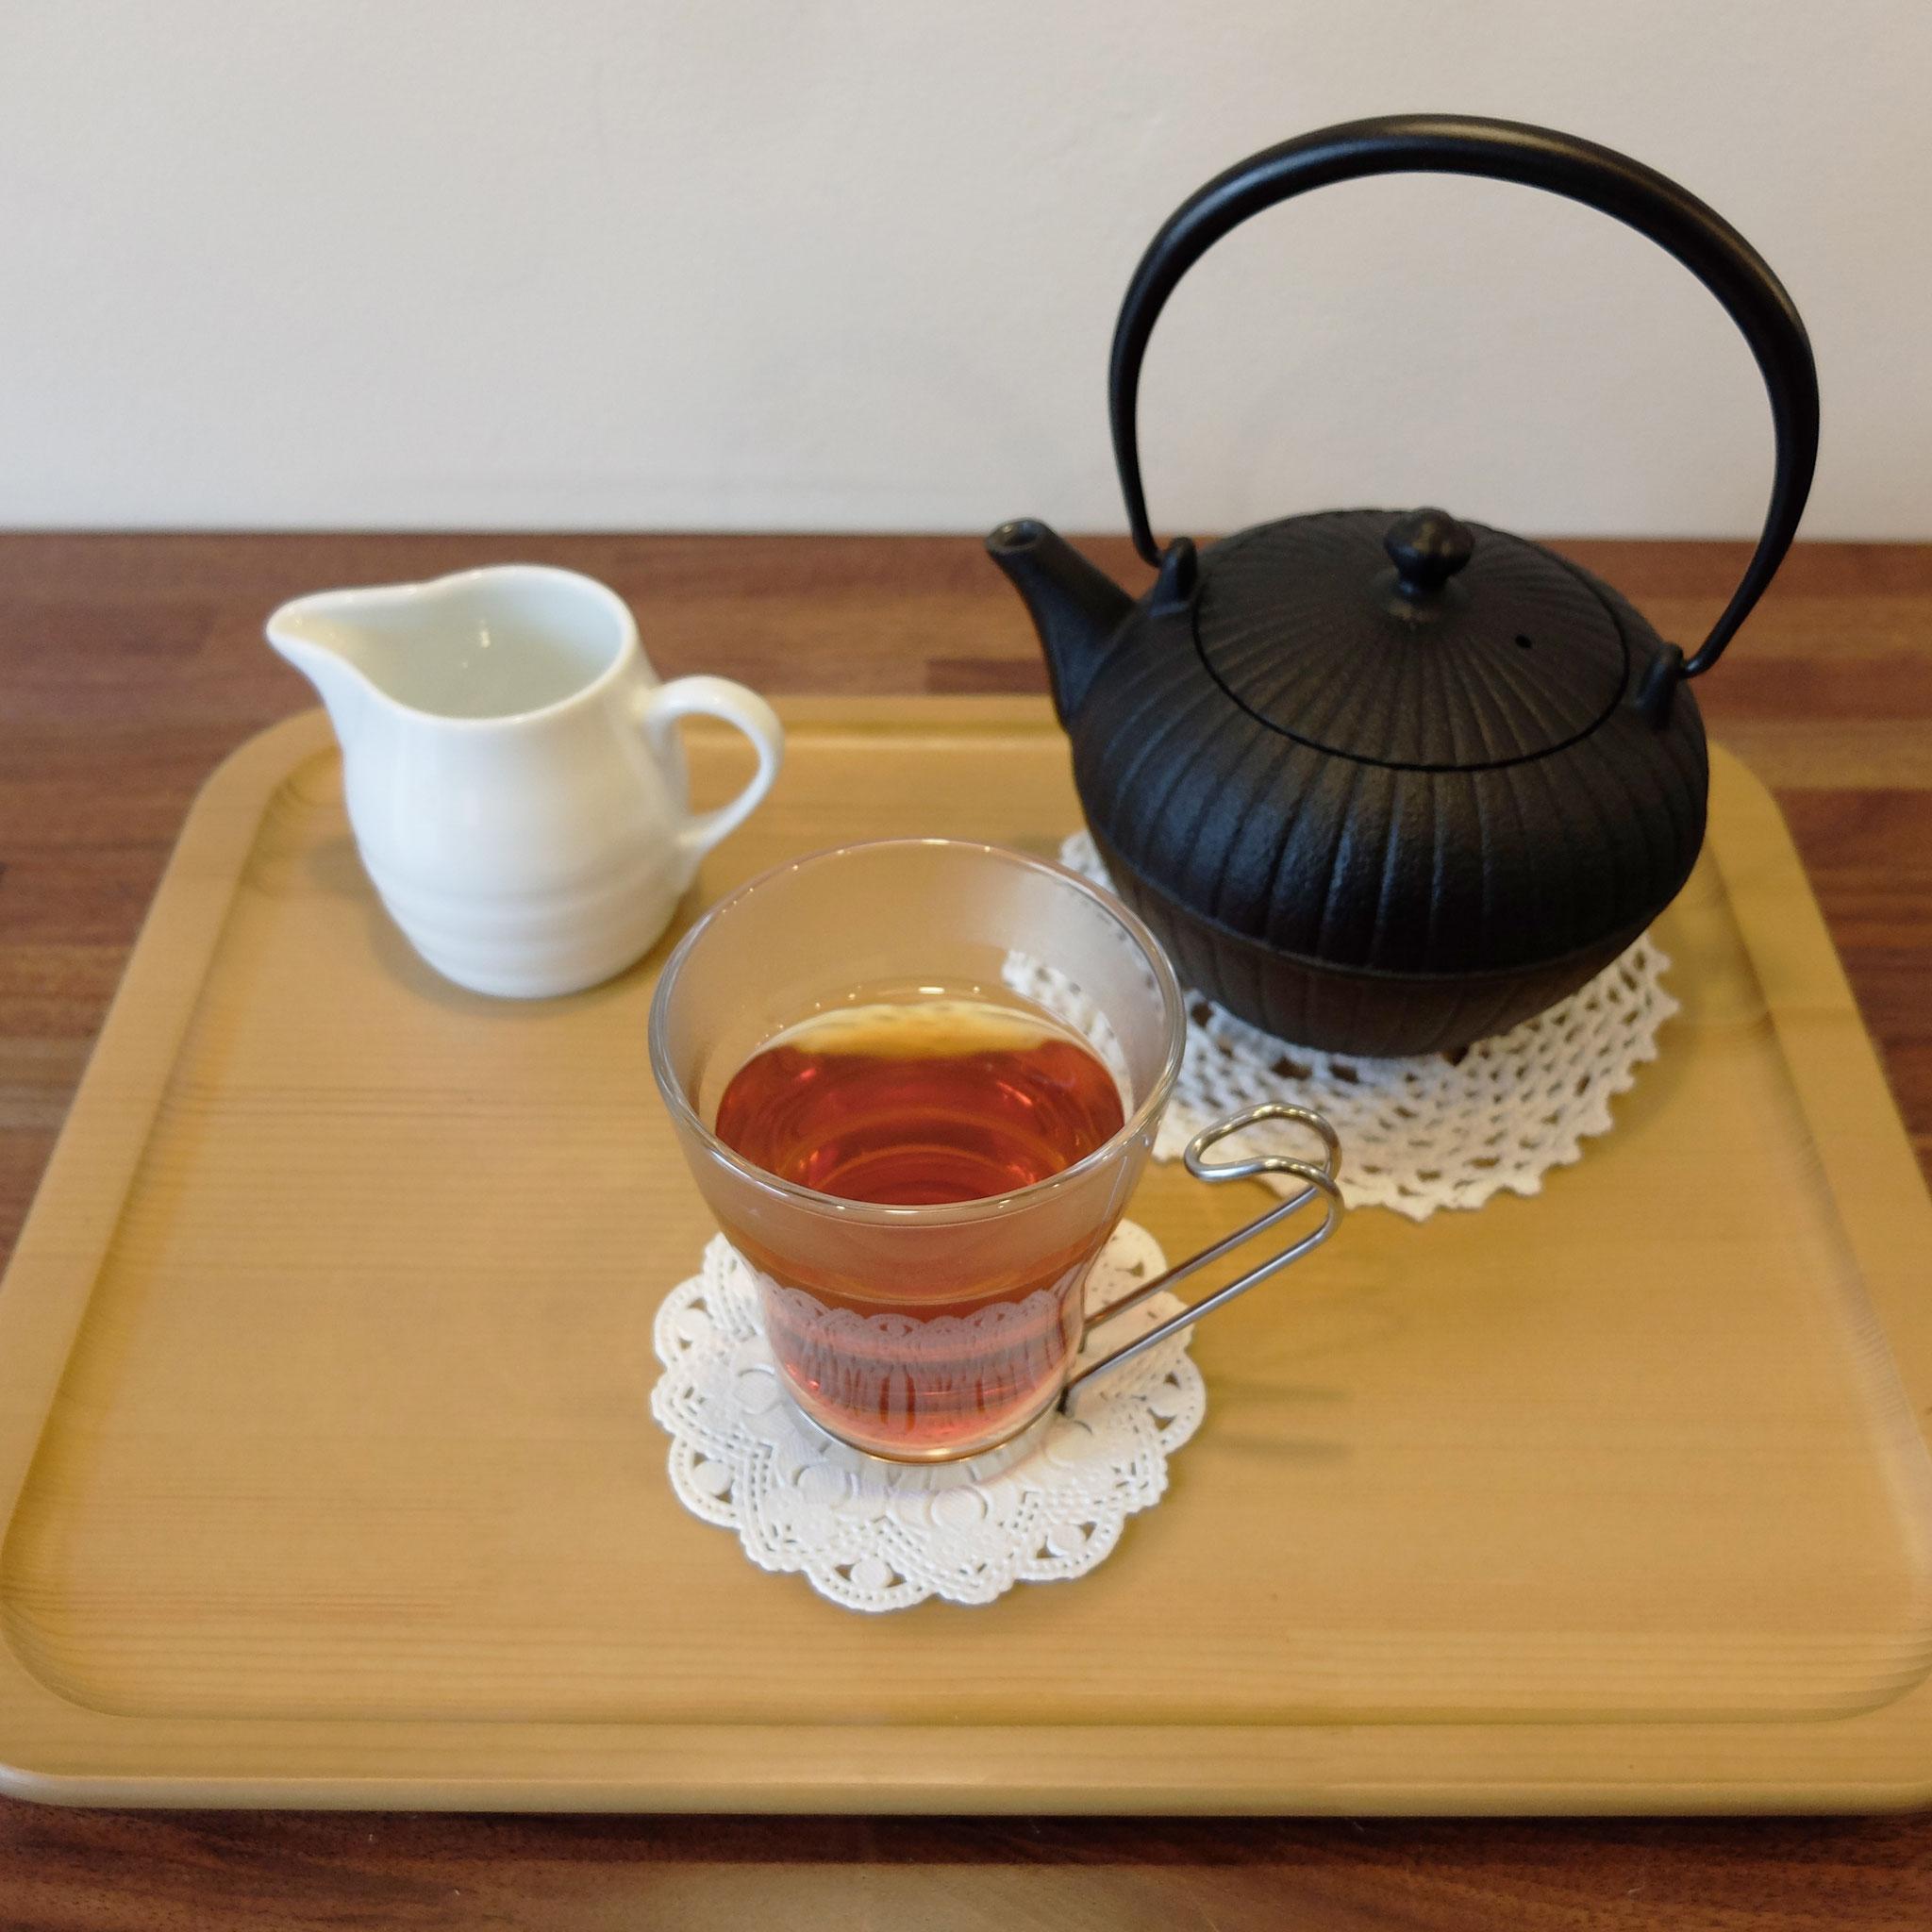 紅茶は鉄瓶の急須で提供しています